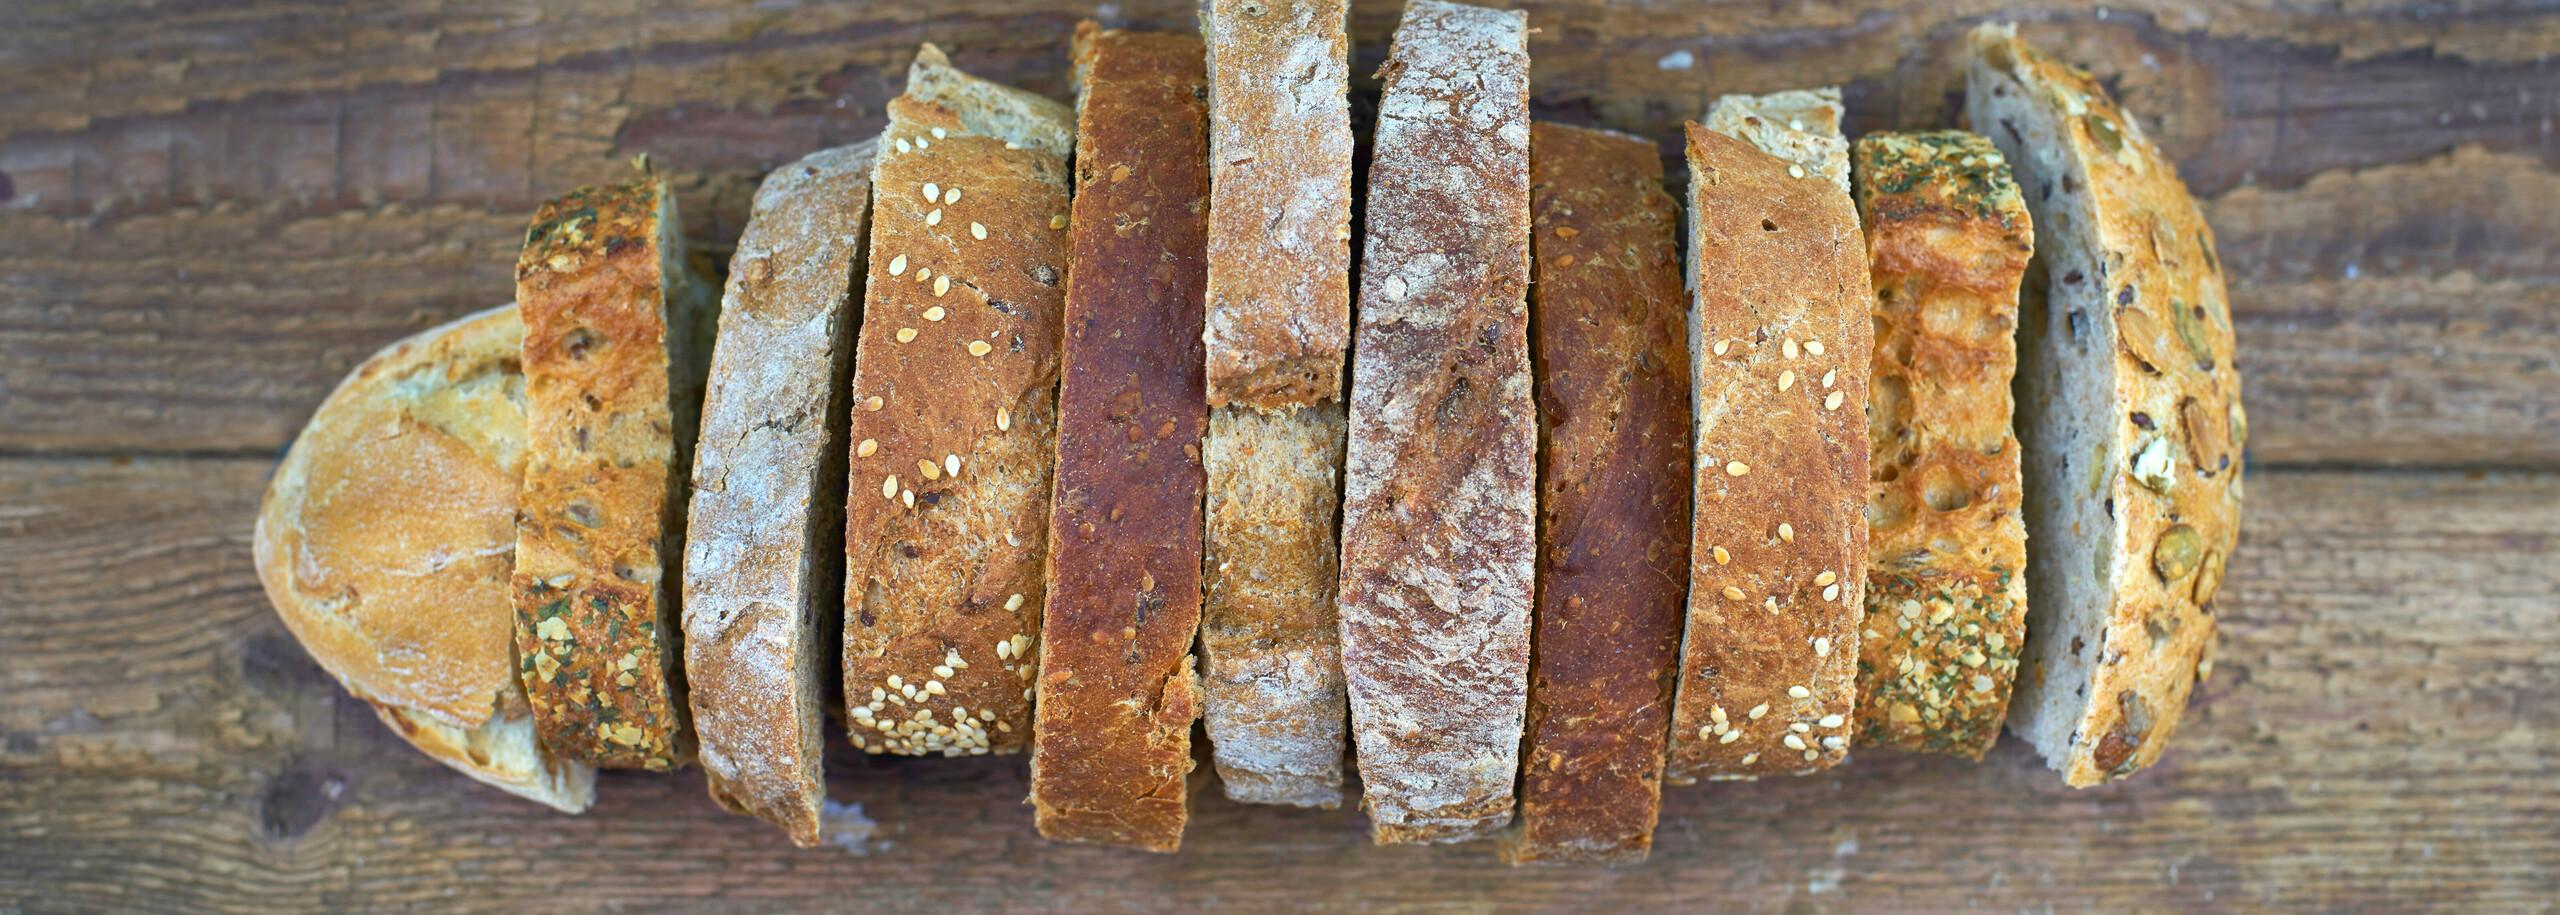 Abbildung Brotform aus unterschiedlichen Scheiben